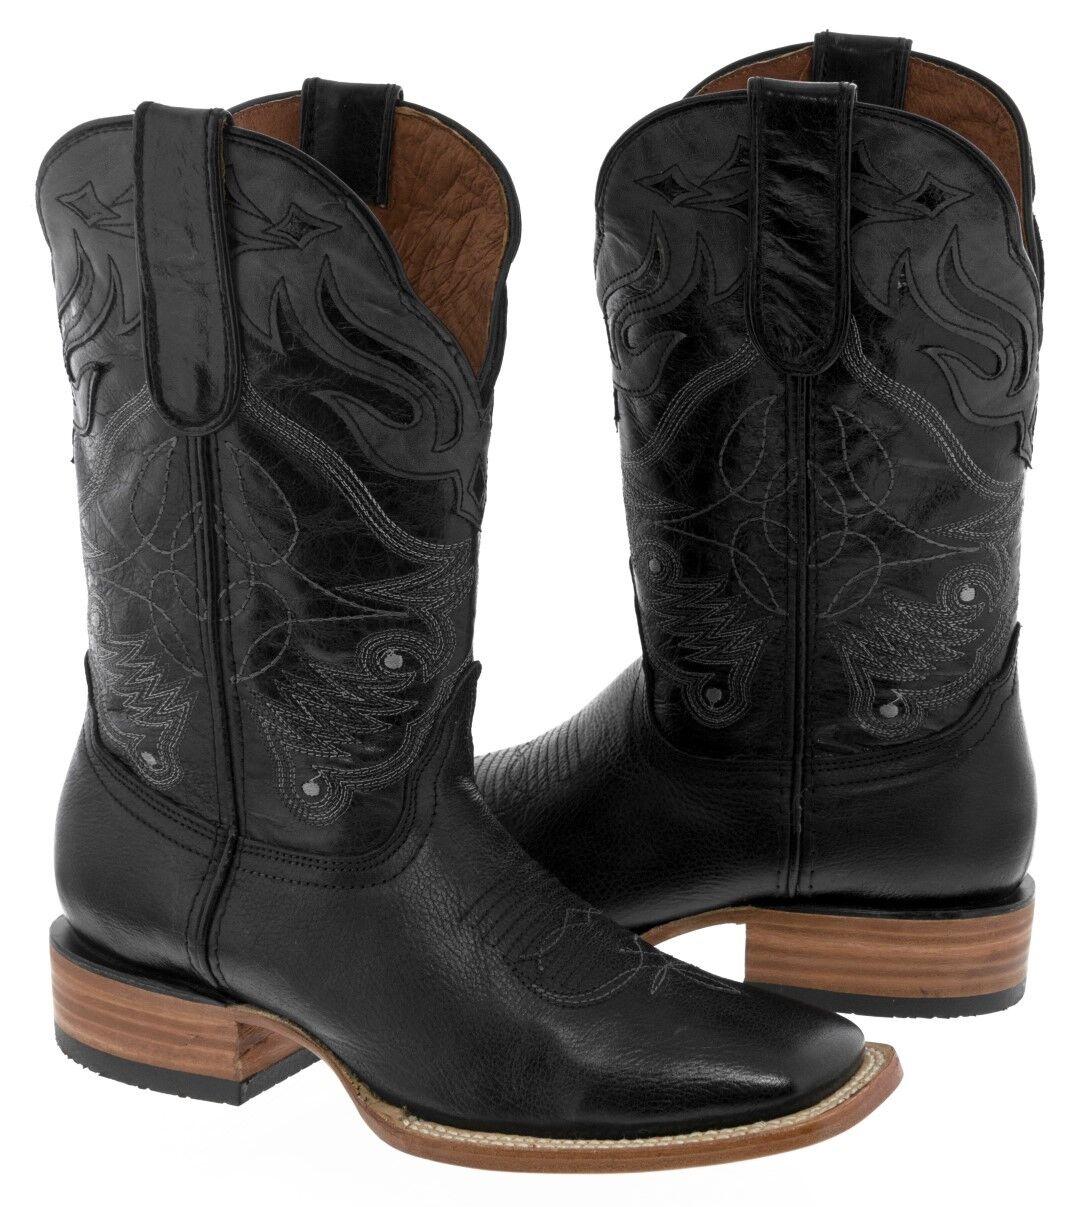 Hombre Cuero Real Completo gris Negro botas De Vaquero País superposición Rodeo desgaste Cuadrado